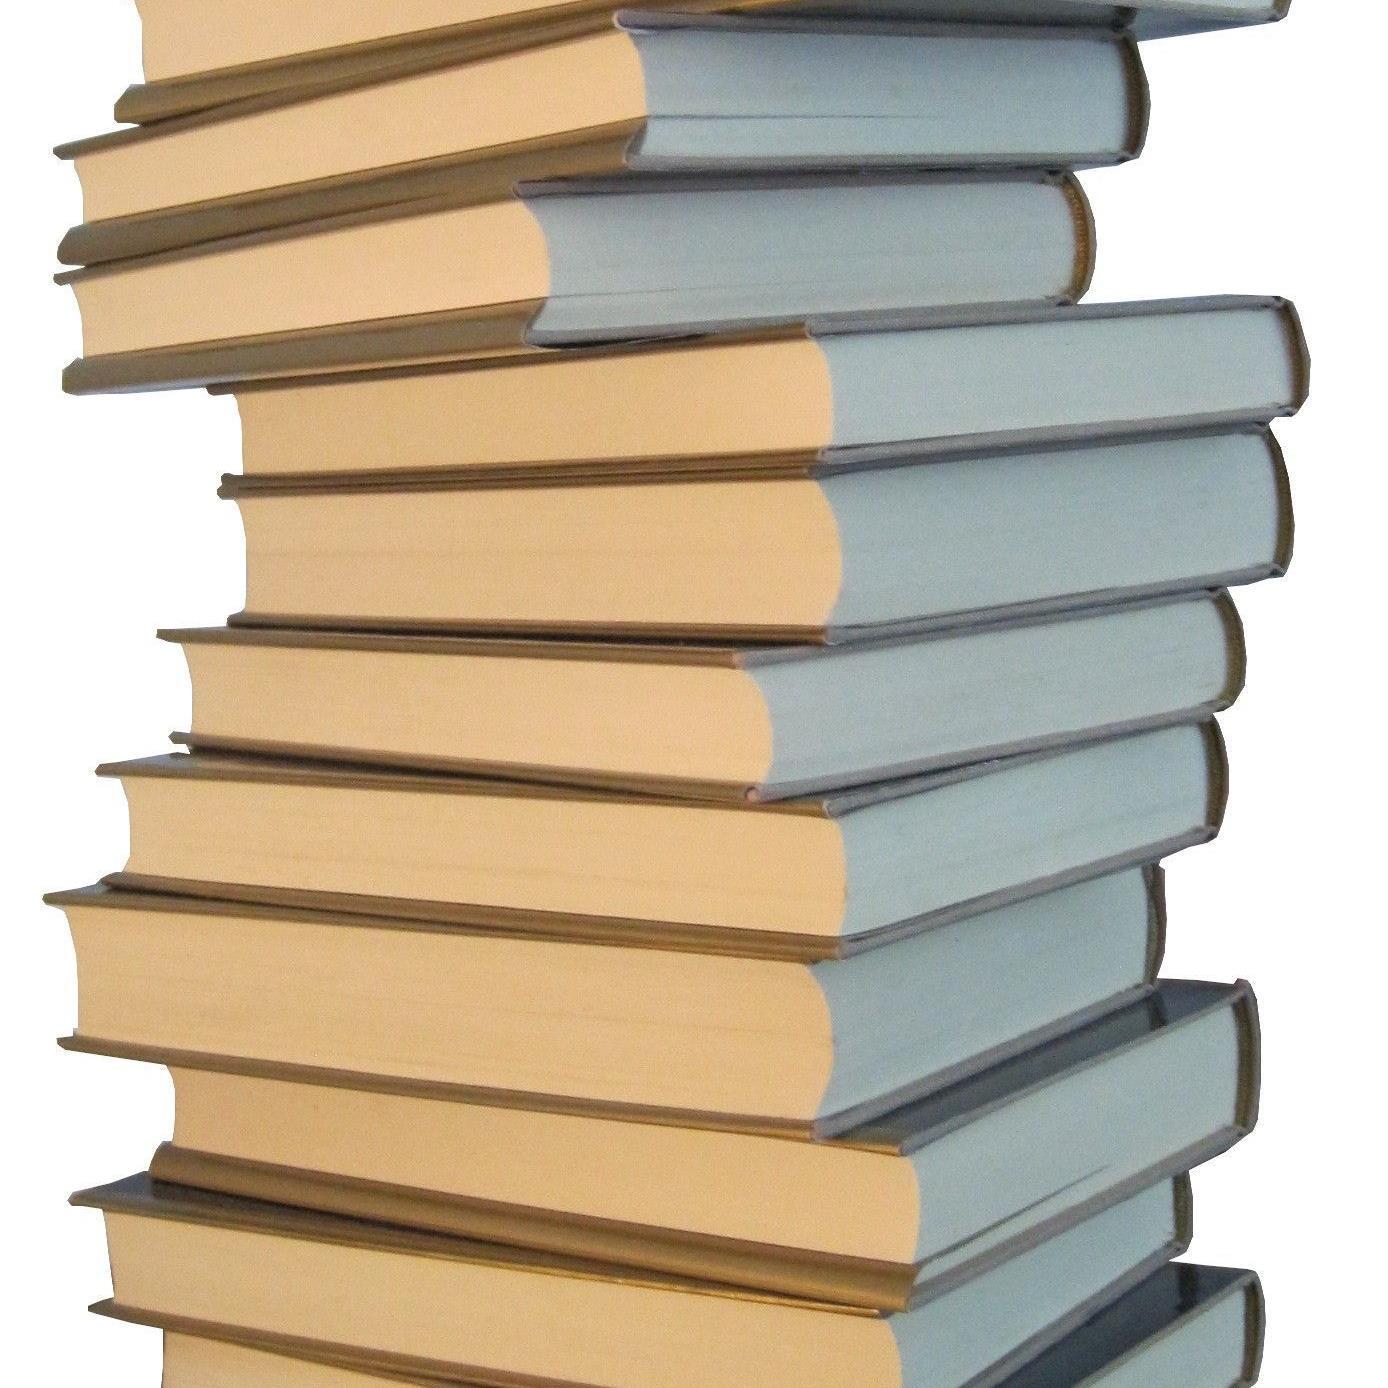 Sehr beliebt bei den Wienern: Bücher!